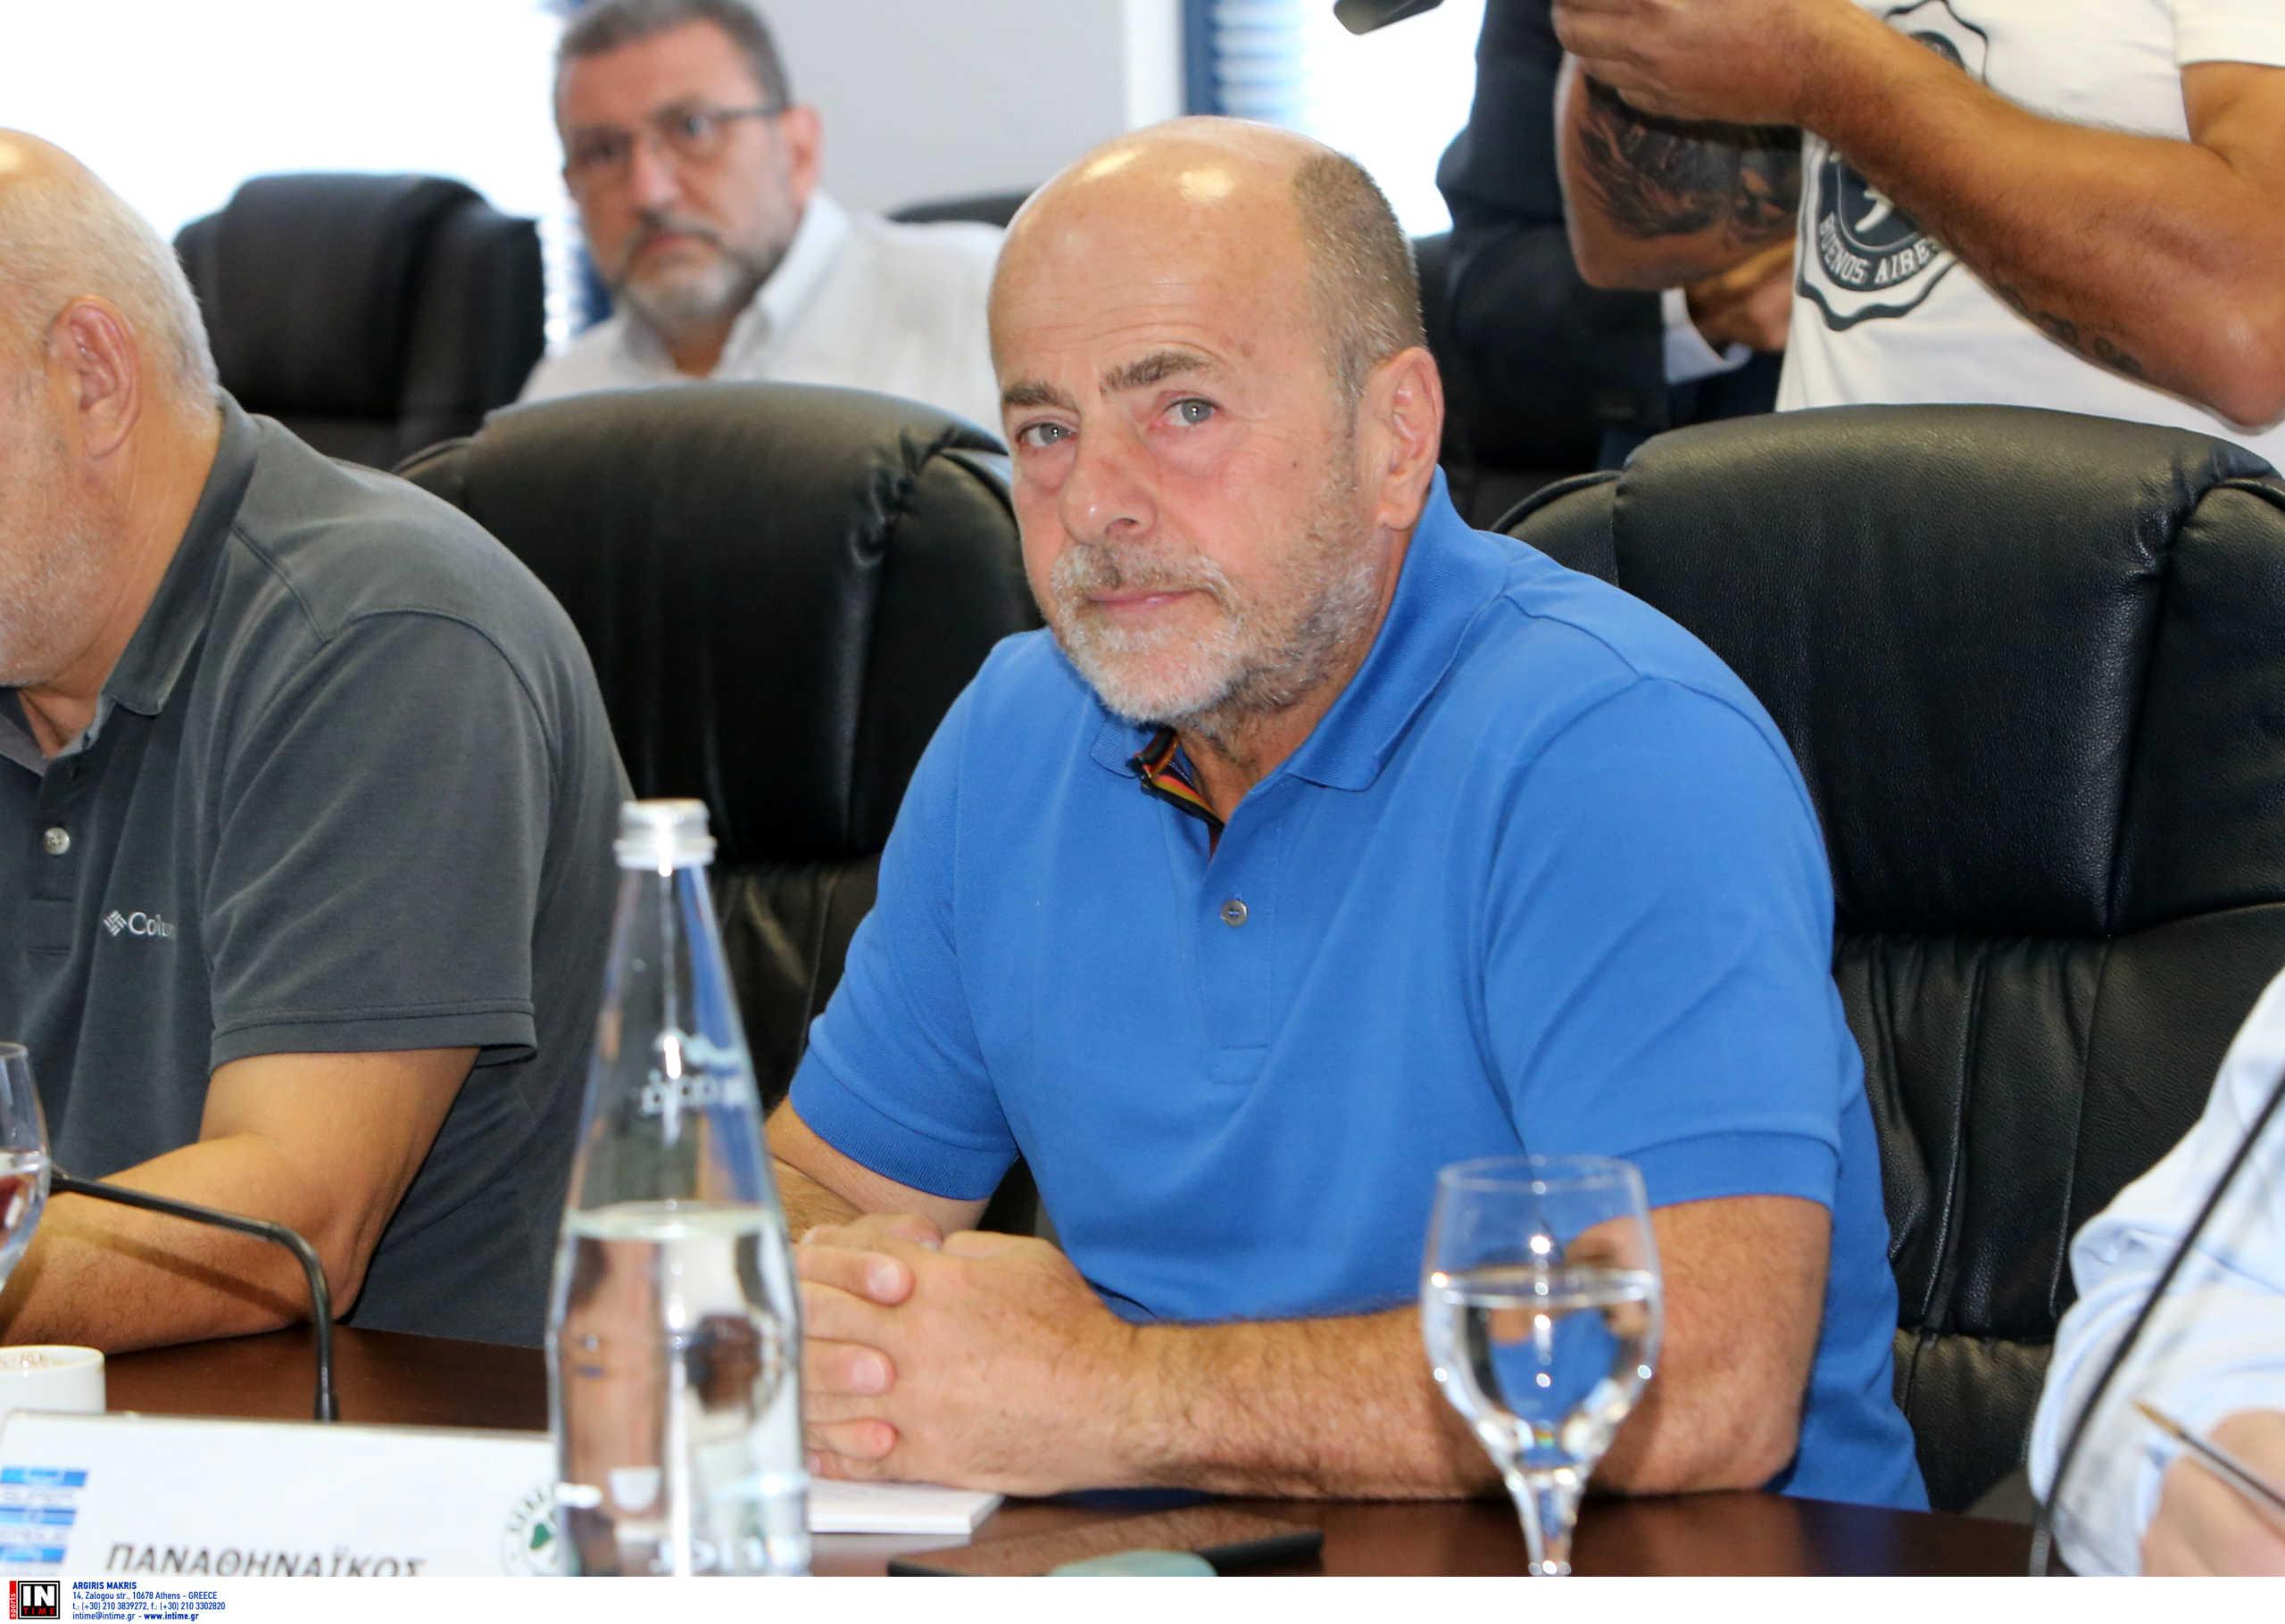 Παναθηναϊκός: Μπαίνουν 5 εκατομμύρια ευρώ στα ταμεία